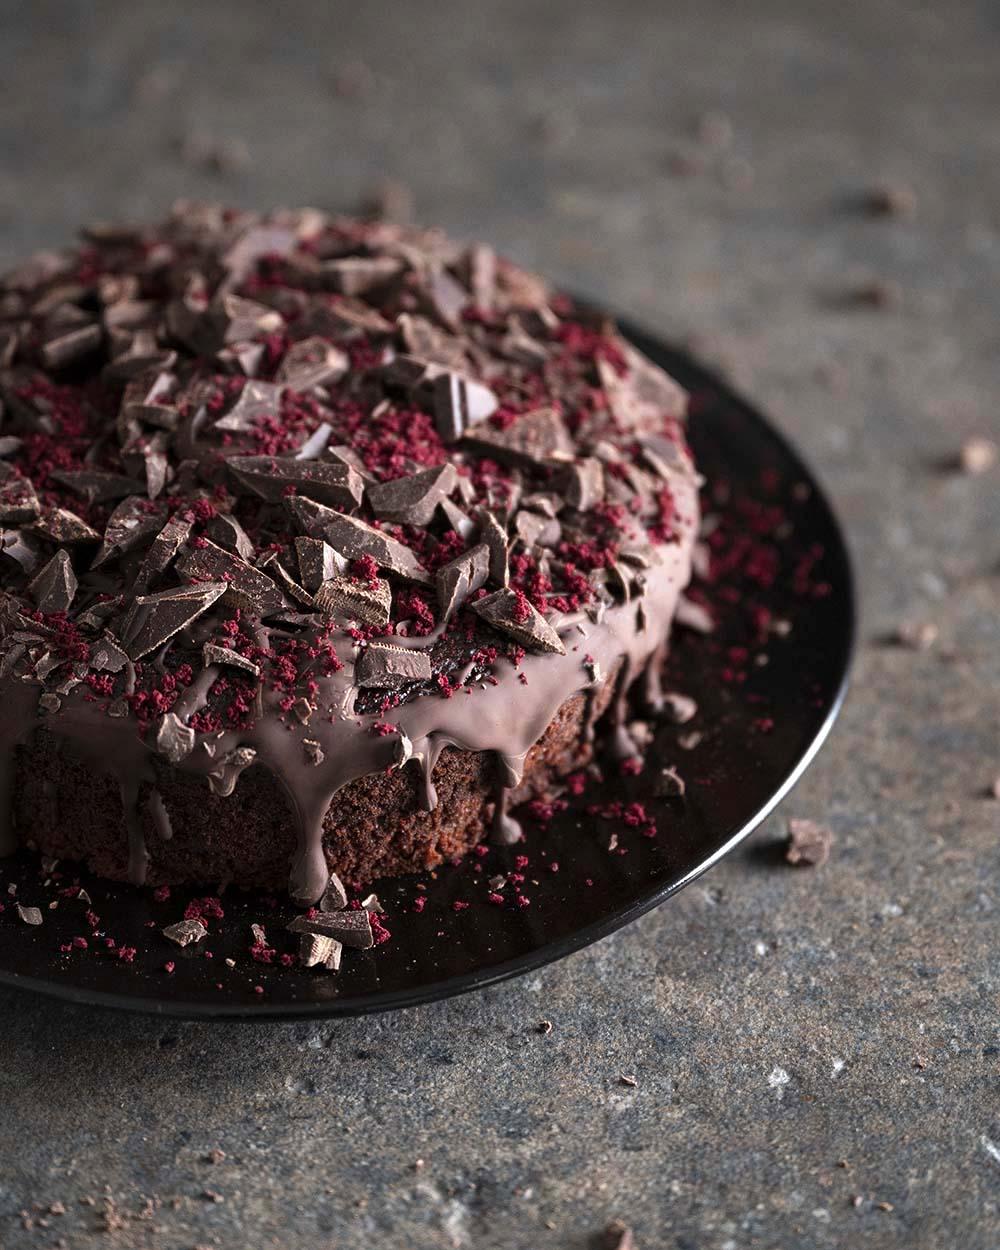 Draufsicht auf die Oberfläche unseres Rote-Bete-Schoko-Kuchens, jetzt glasiert und mit Schokoladenstückchen und Rote Bete Granulat verziert